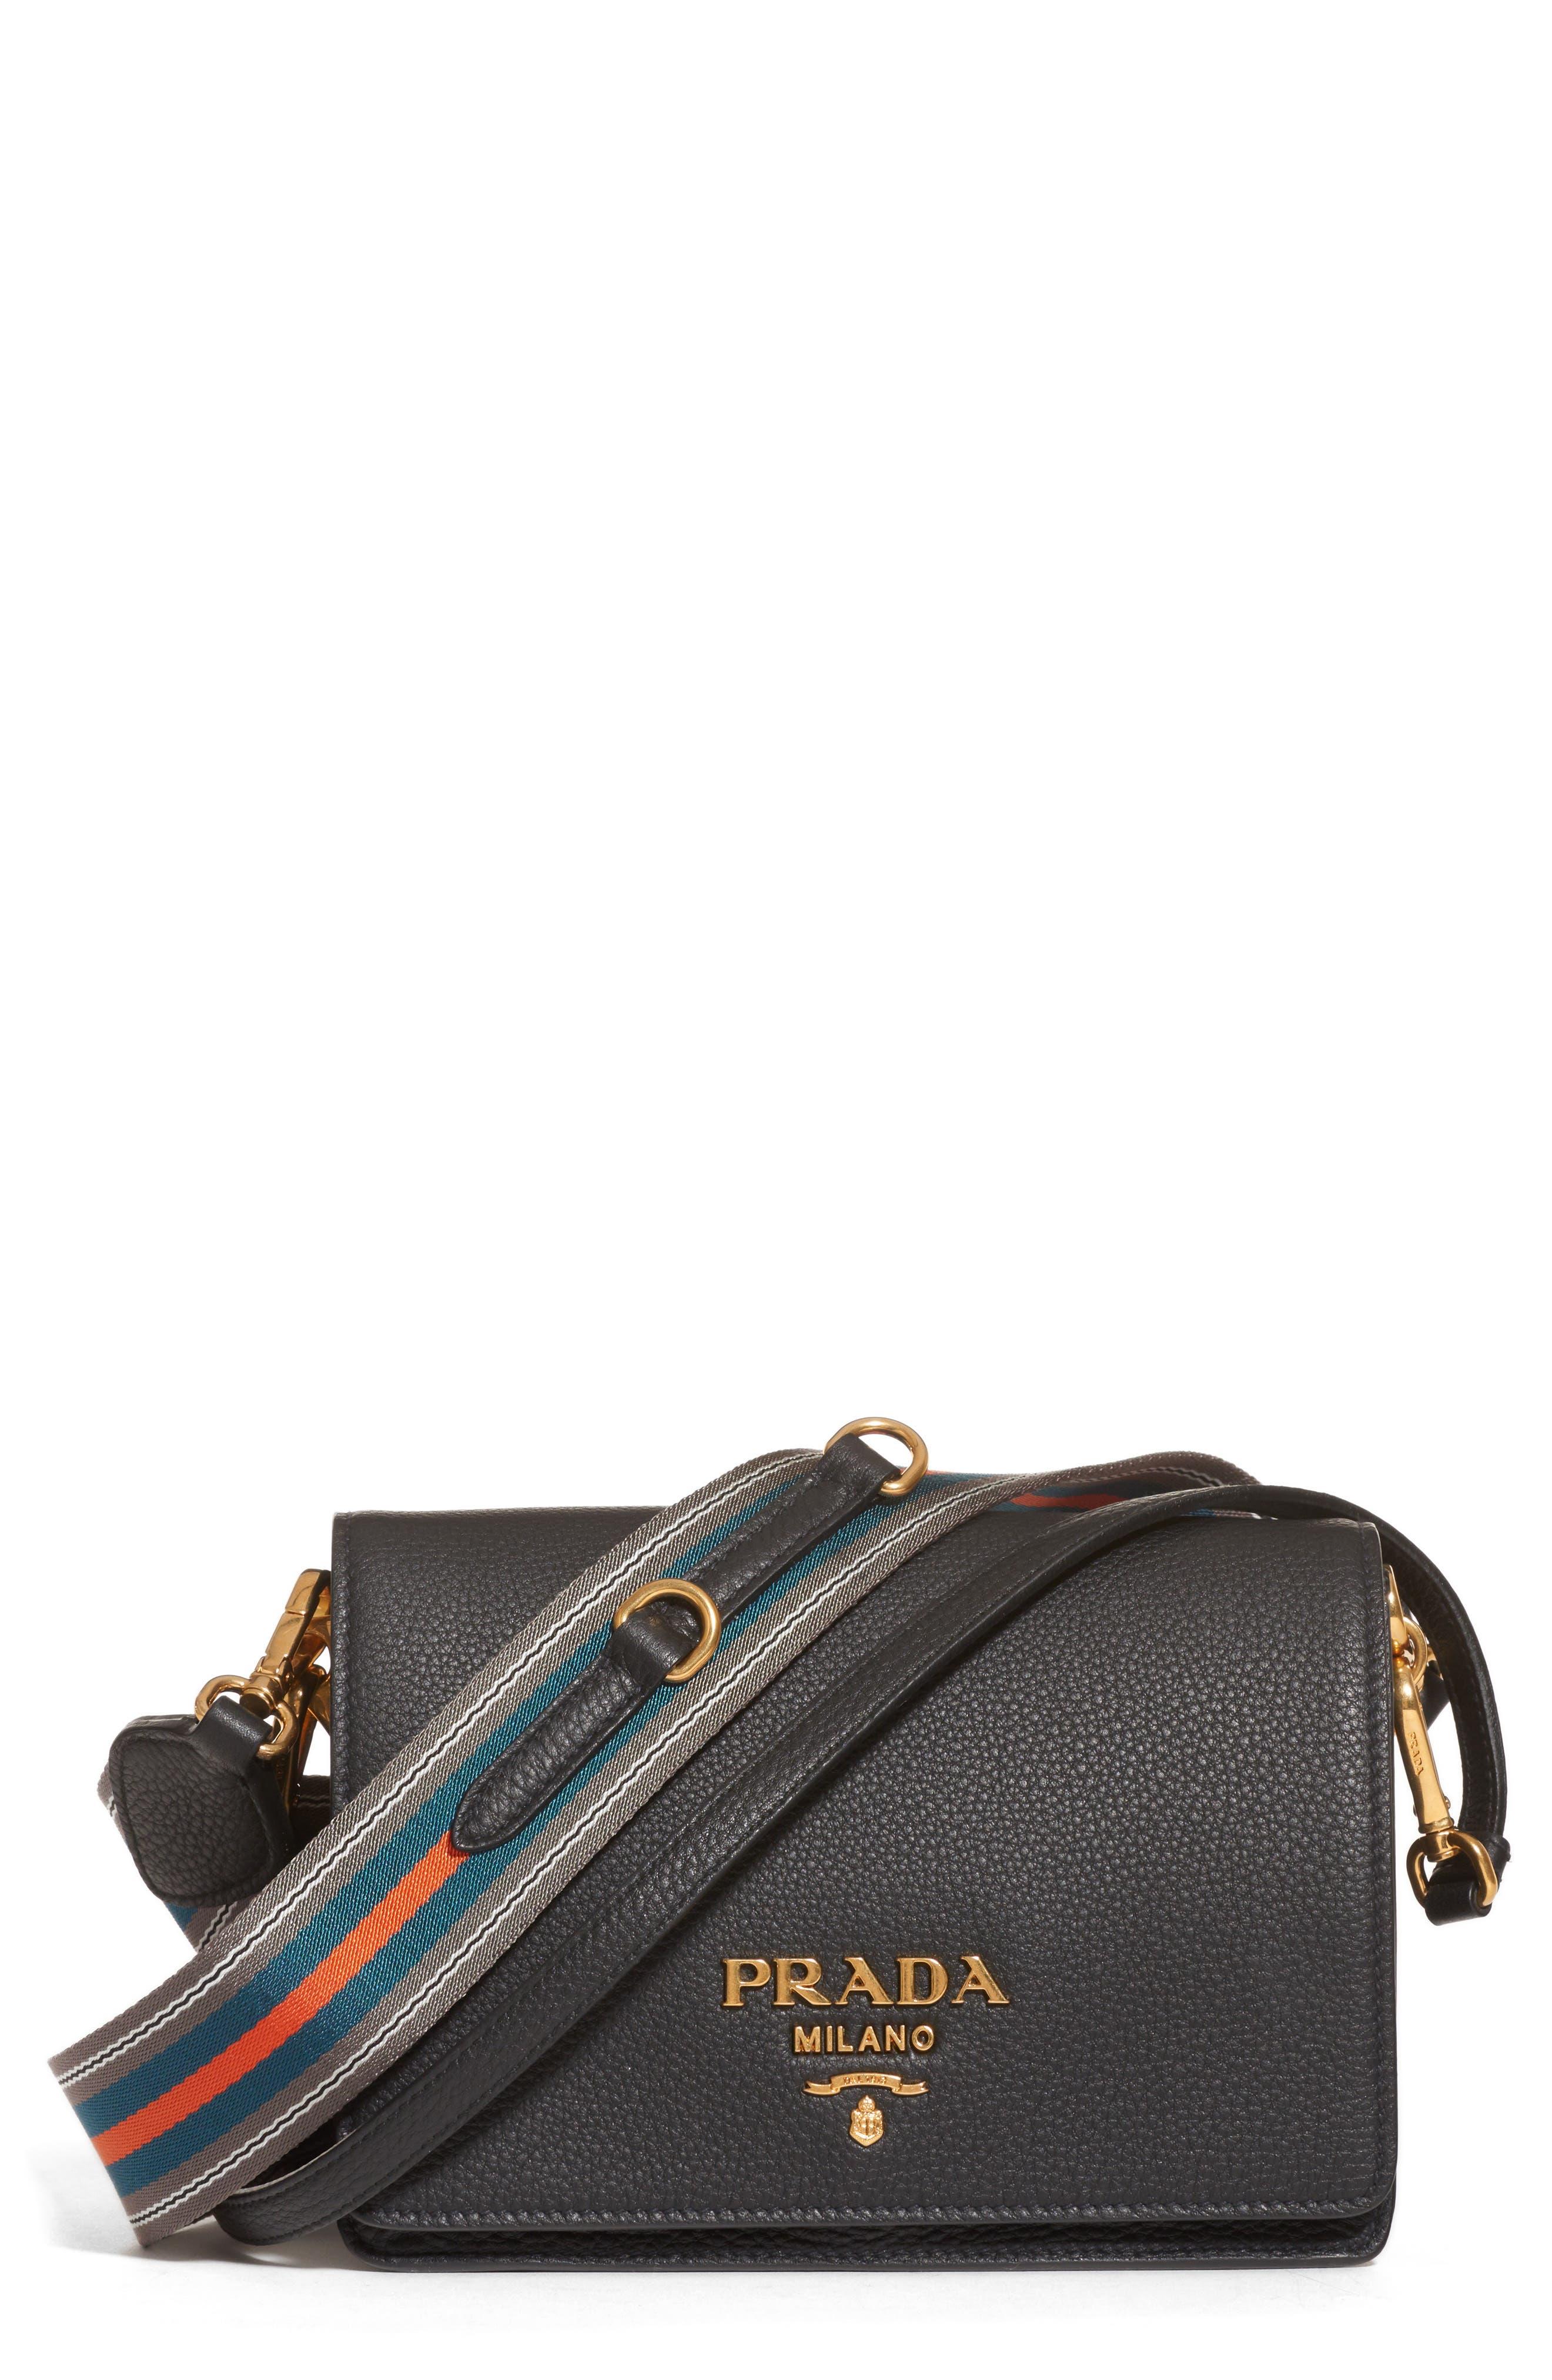 81ace0bbdba05 ... cheapest prada vitello daino double compartment leather shoulder bag  c1745 50f65